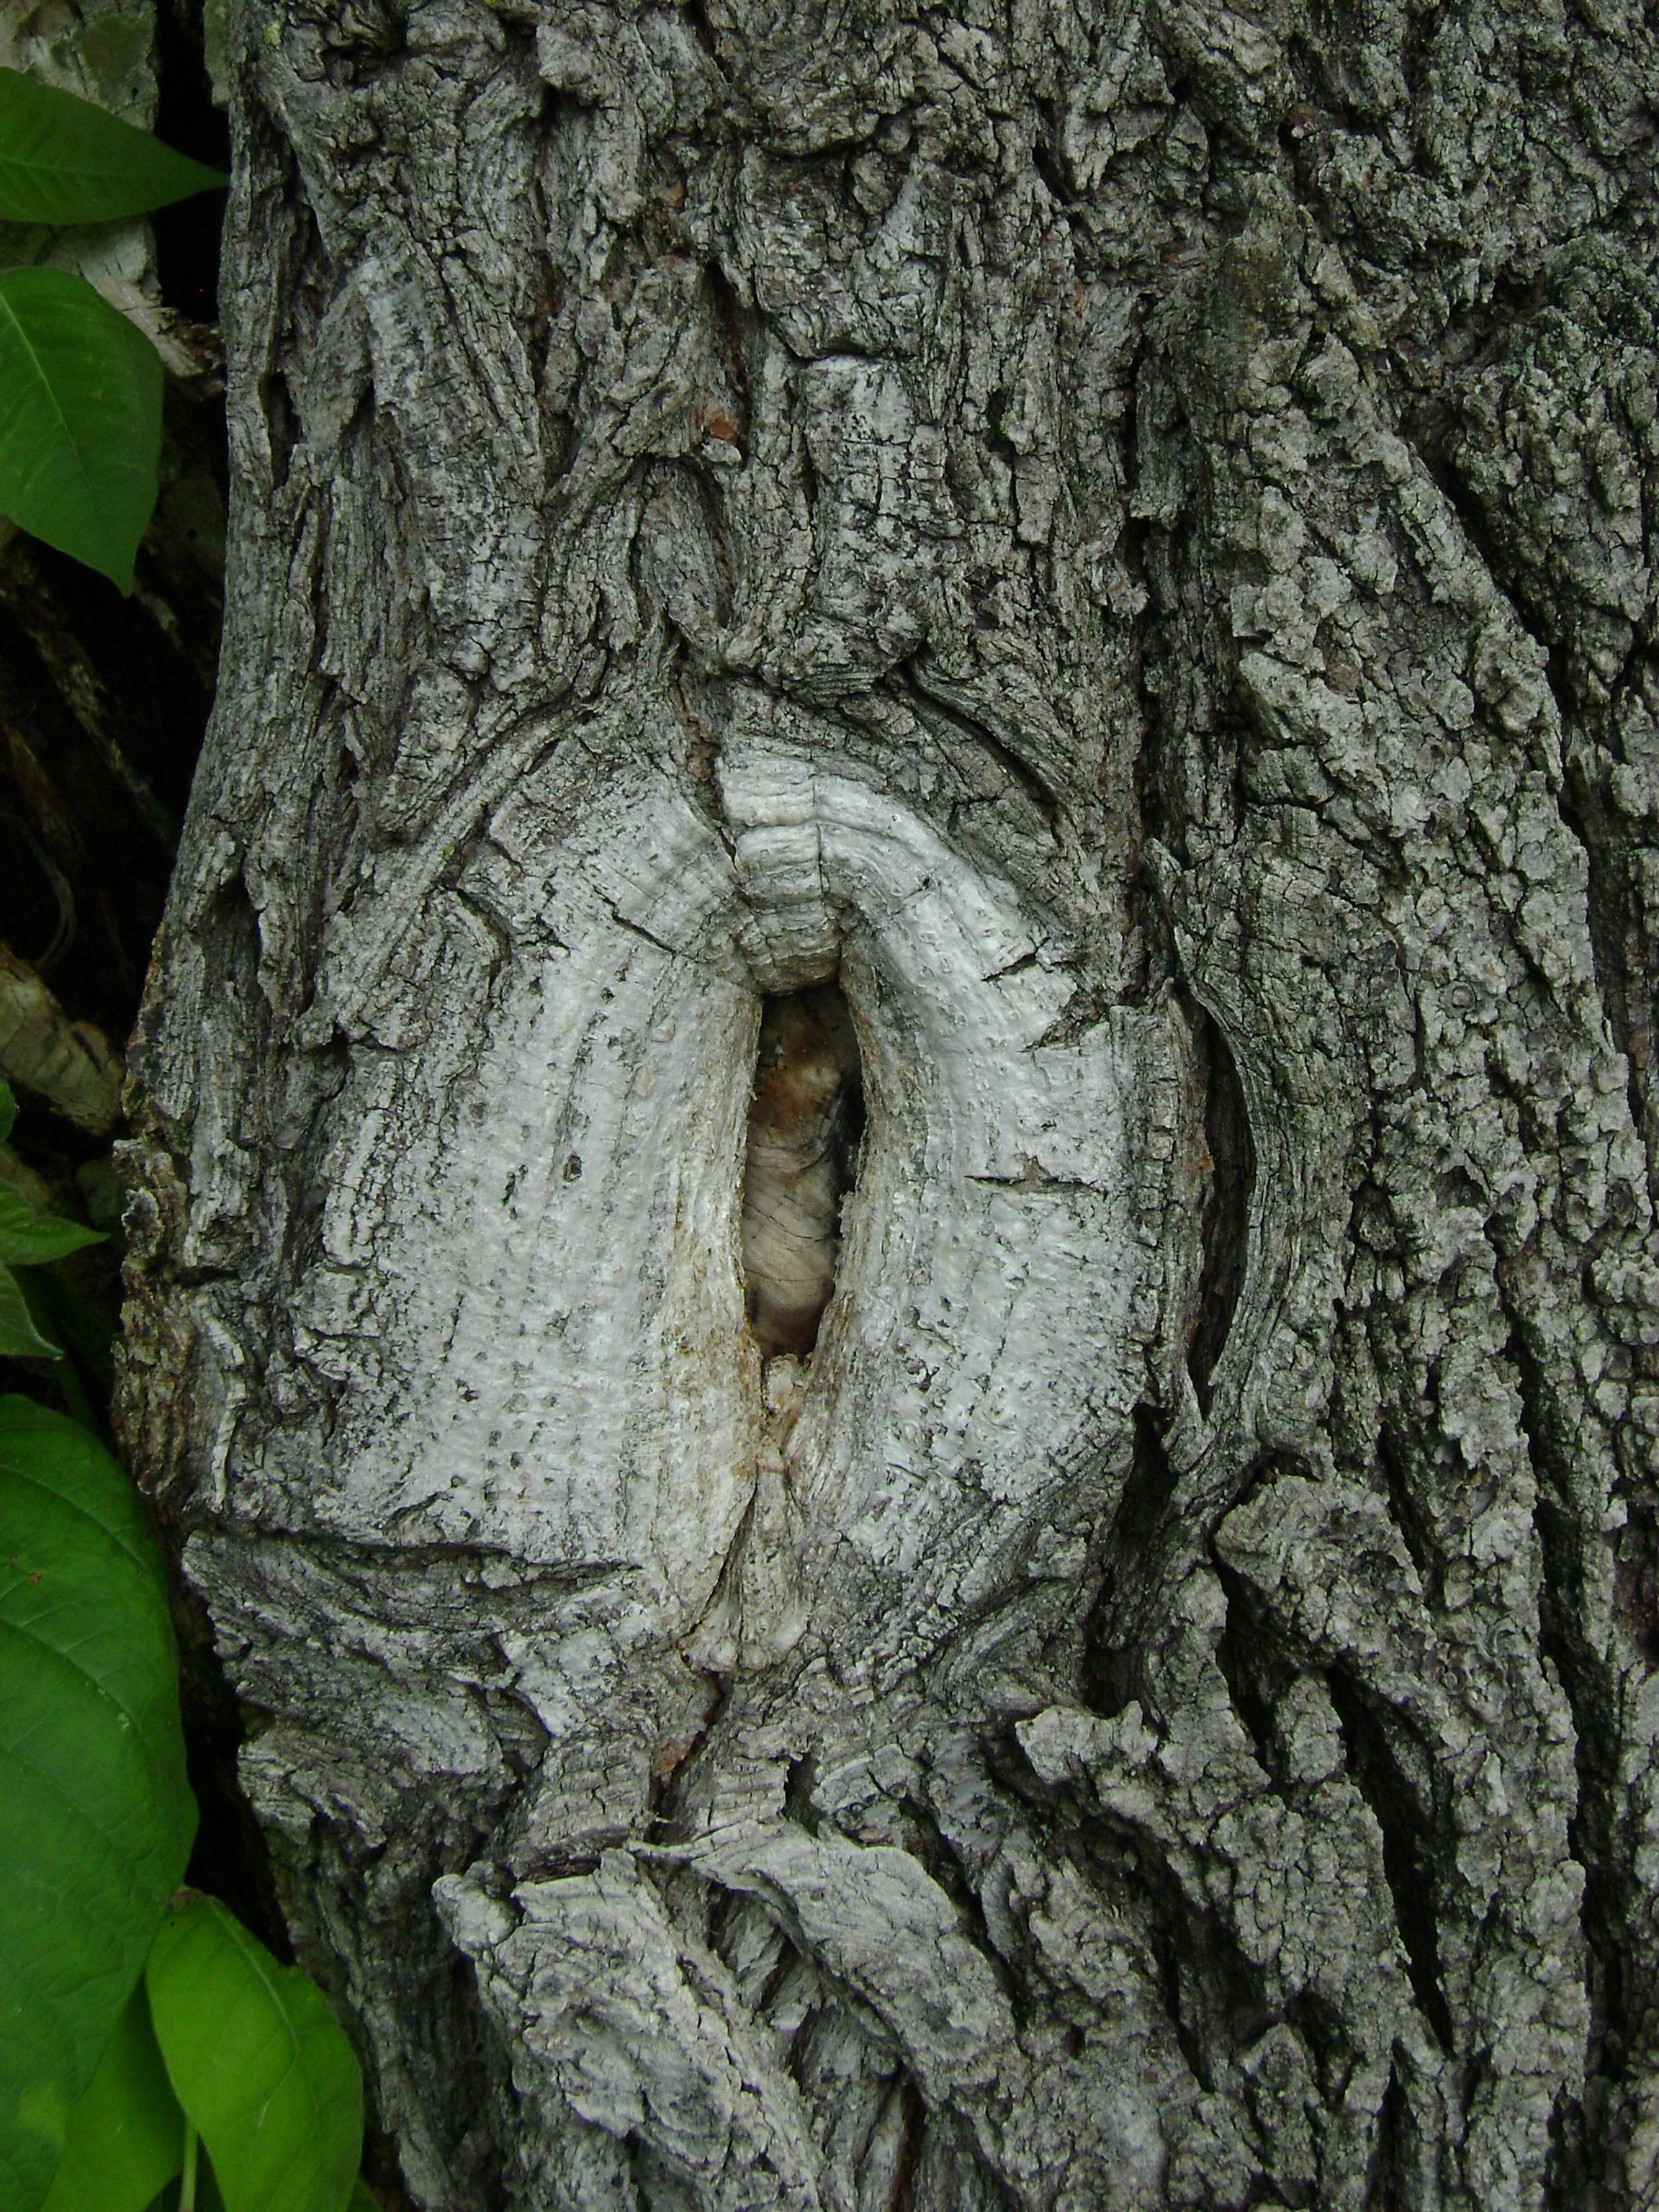 Tree knot photo